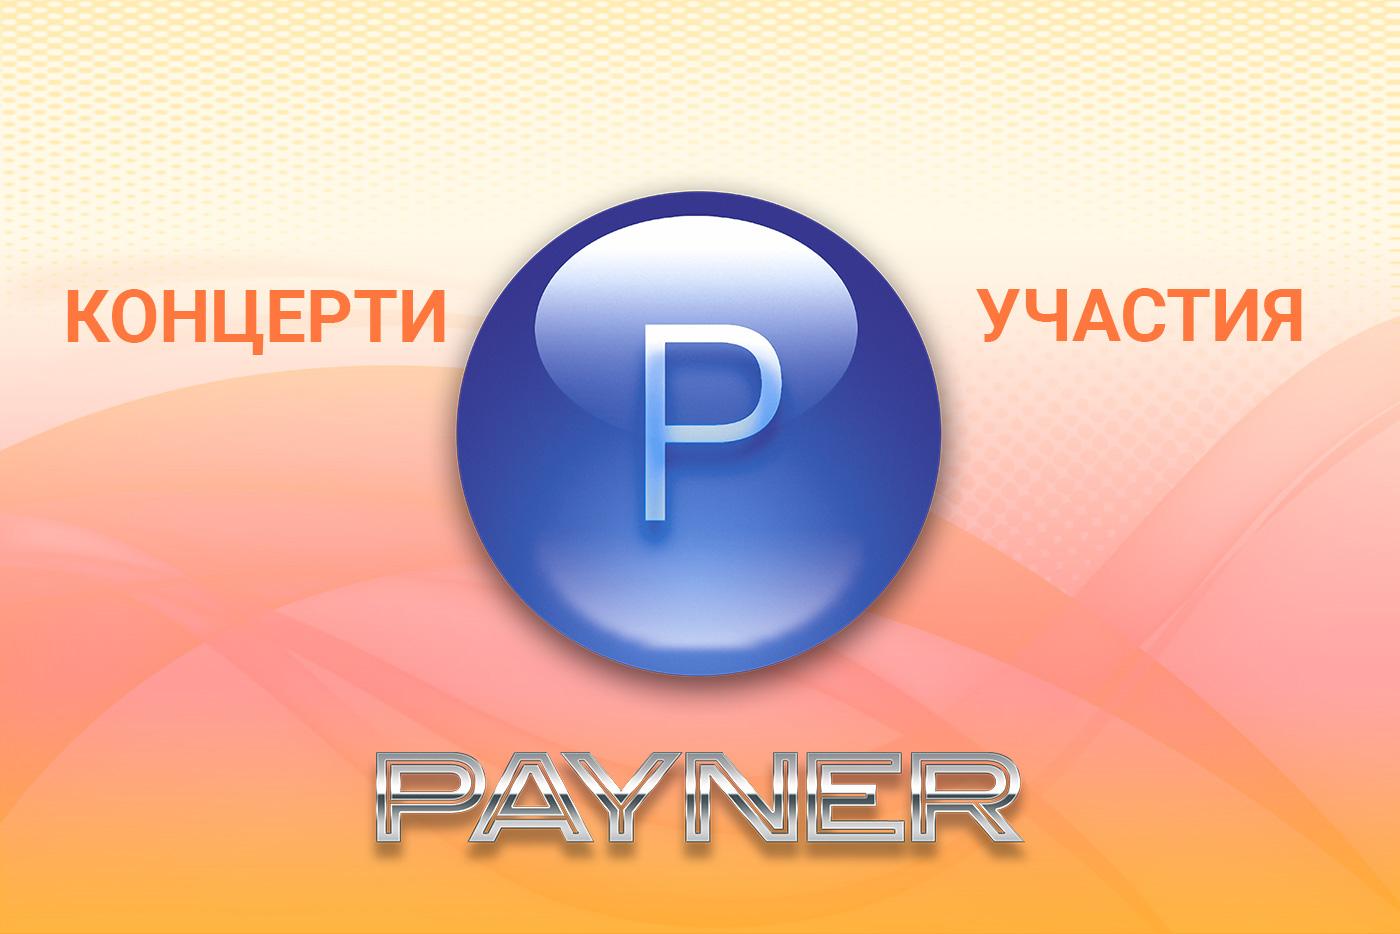 """Участия на звездите на """"Пайнер"""" на 22.03.2019"""